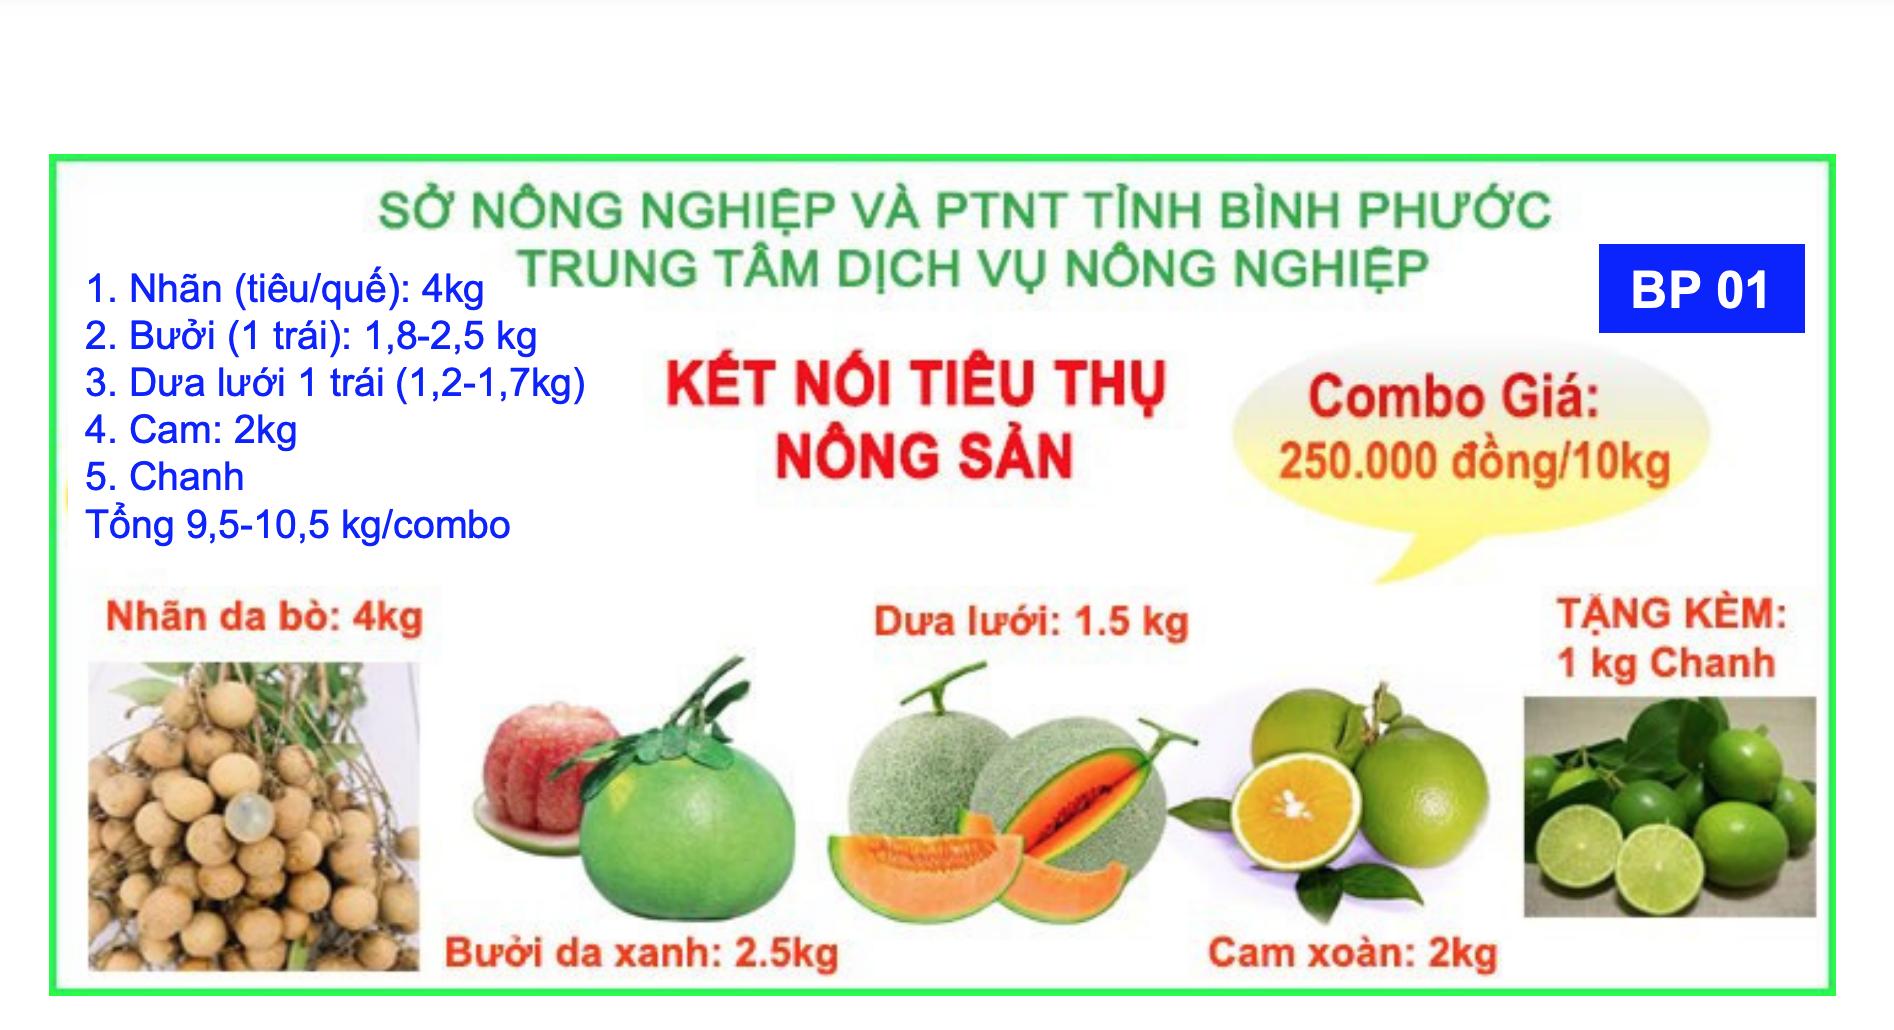 Combo 250.000 đồng tỉnh Bình Phước gồm: 4kg nhãn tiêu/quế, 1 trái bưởi (1,8-2,5kg), 1 trái dưa lưới (1,2-1,7kg), 2kg cam, 1kg chanh.